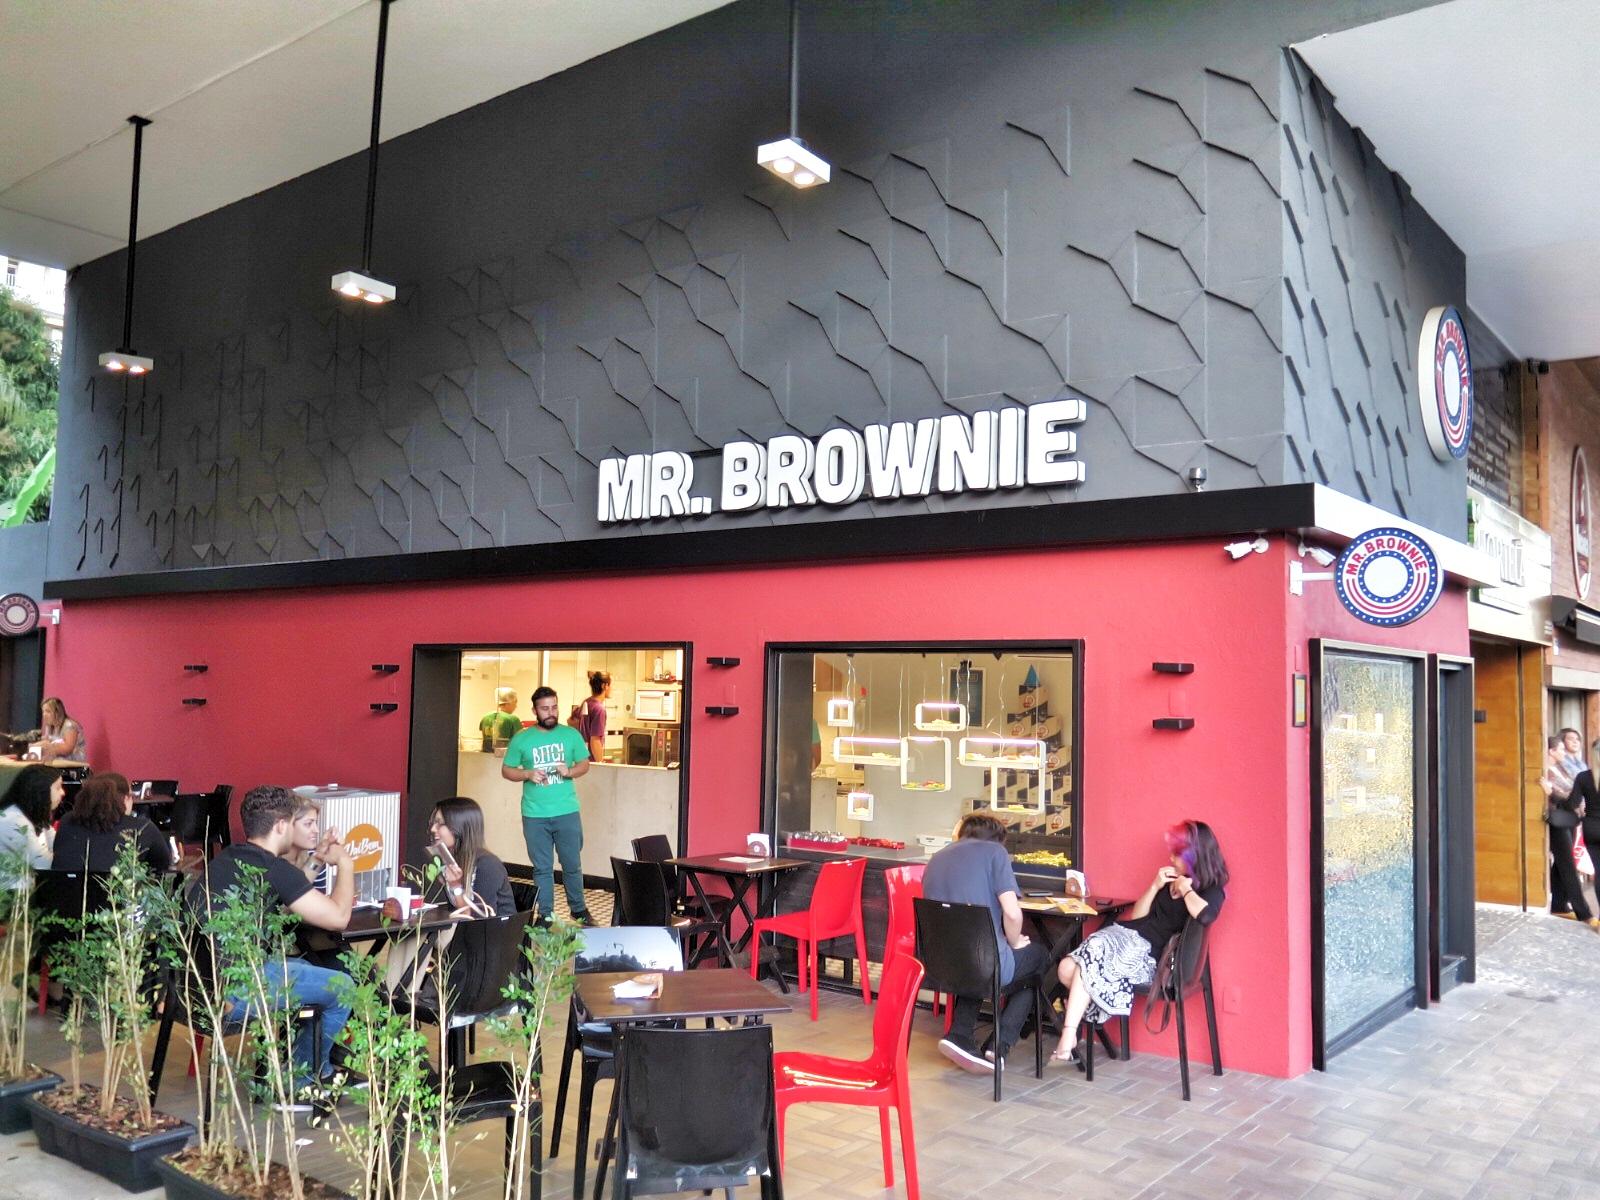 Chora saladinha, chegou a loja Mr. Brownie!